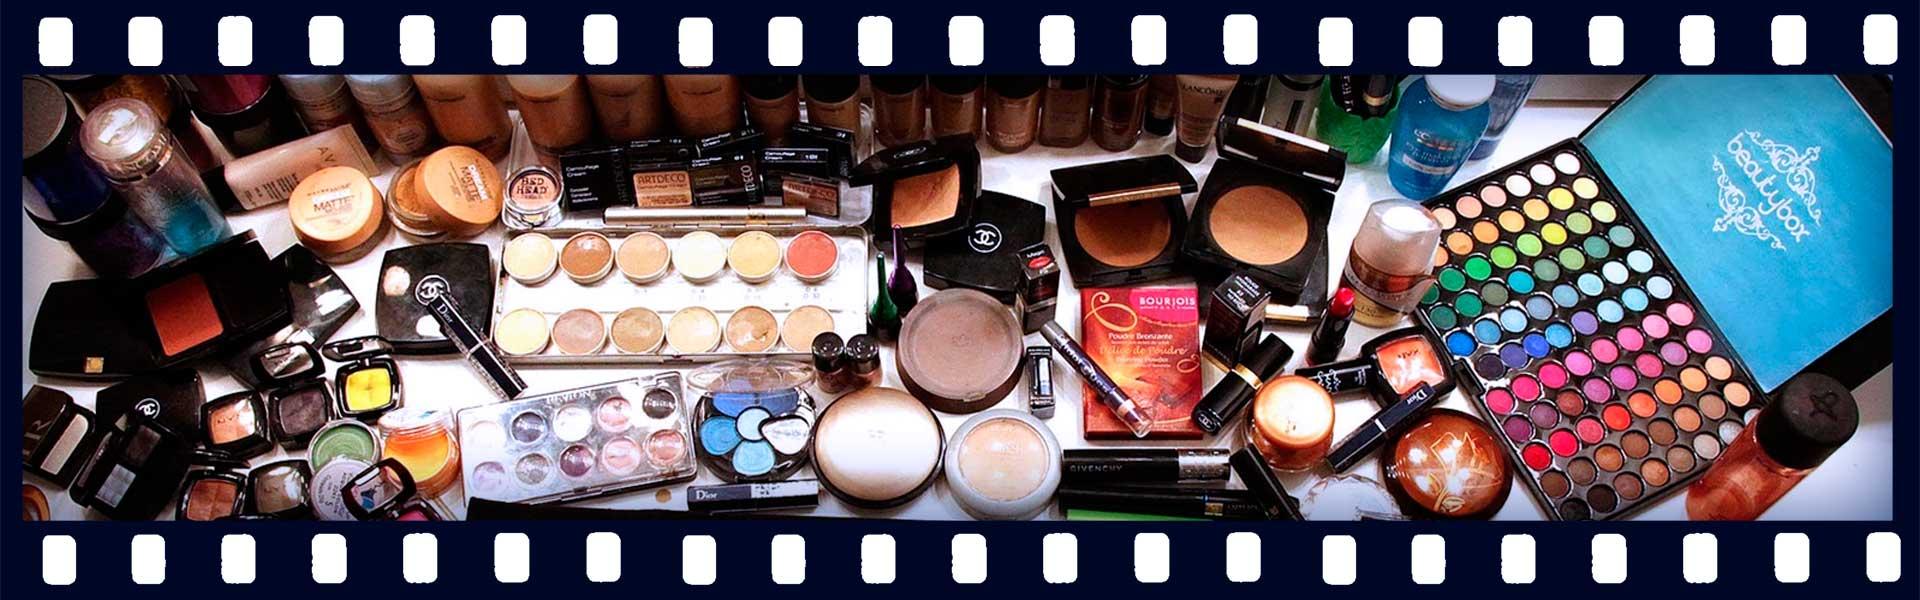 Особенности макияжа для видеосъемки